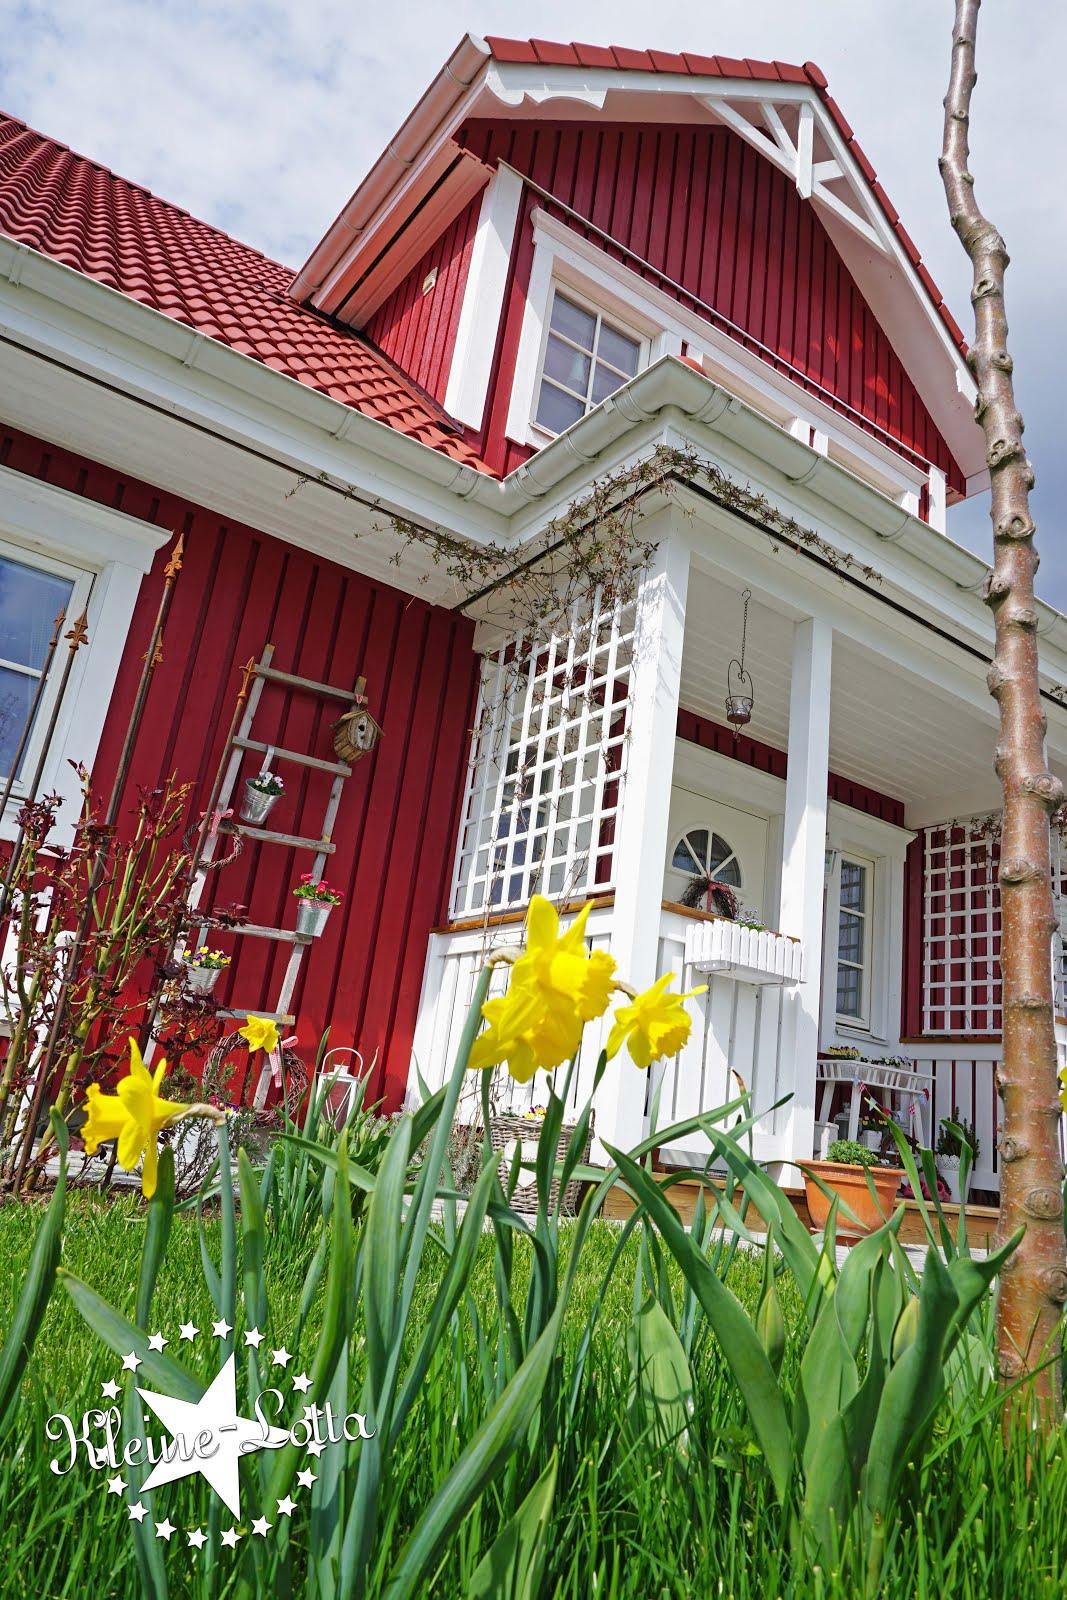 kleine lotta unser schwedenhaus die gartensaison hat. Black Bedroom Furniture Sets. Home Design Ideas